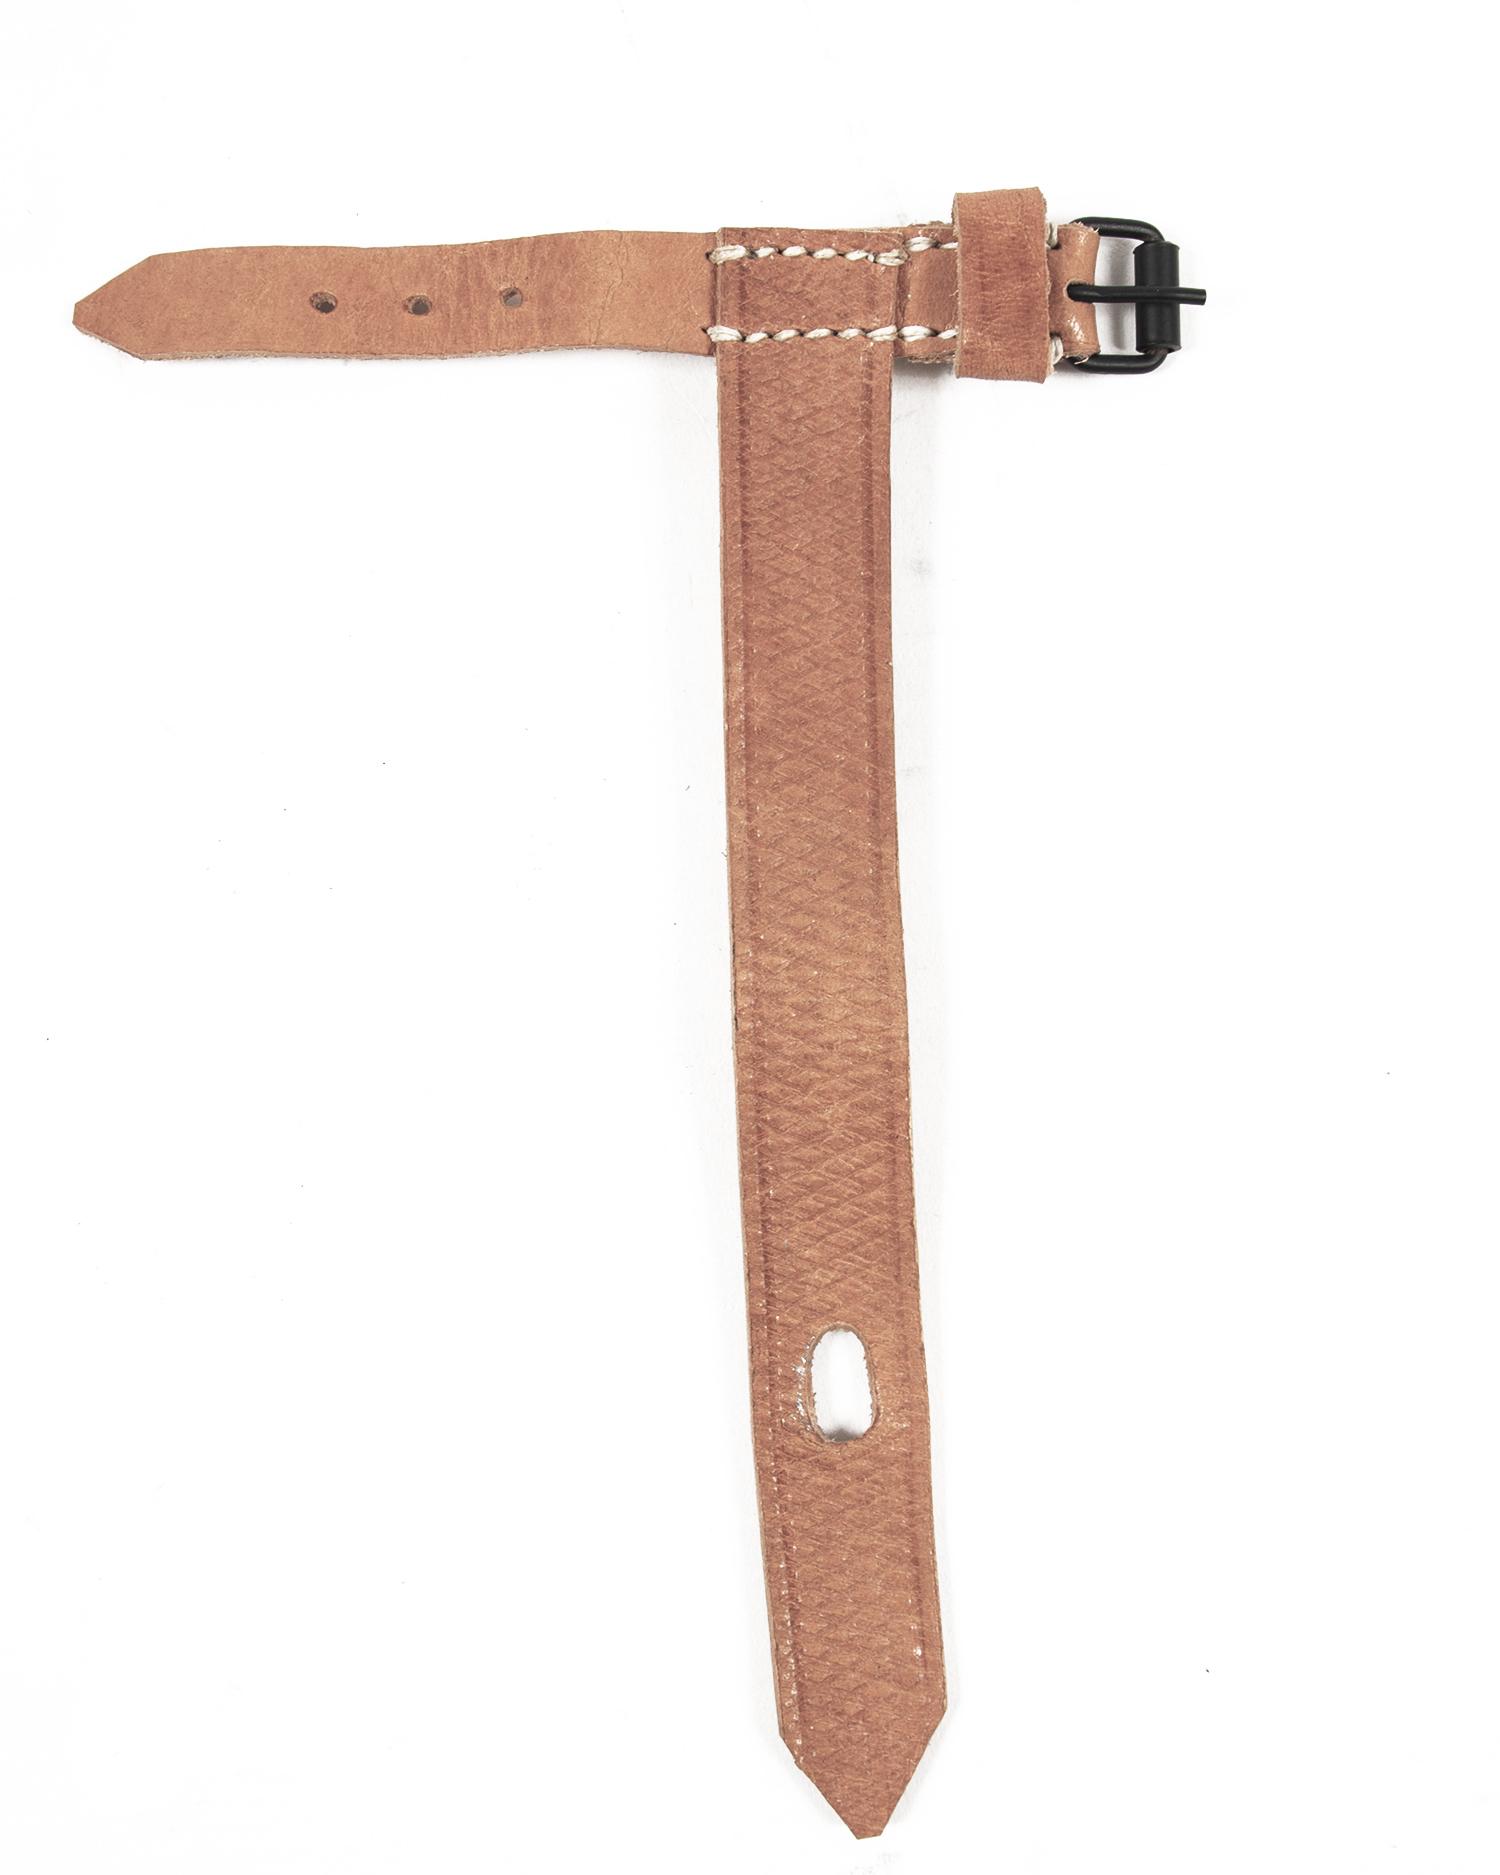 MP40-safety-strap-main.jpg